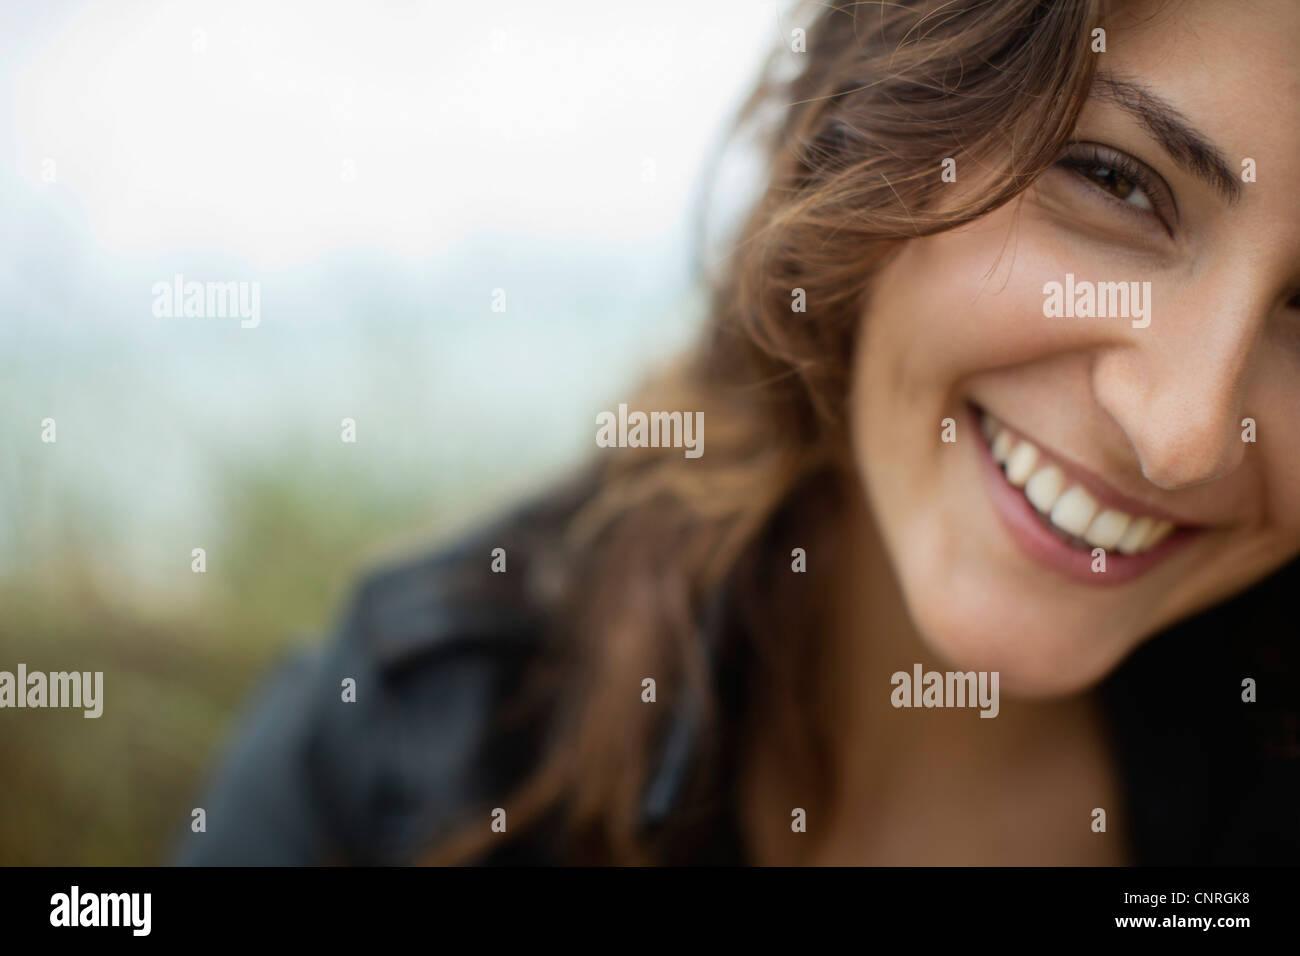 Mujer sonriente, recortadas Imagen De Stock